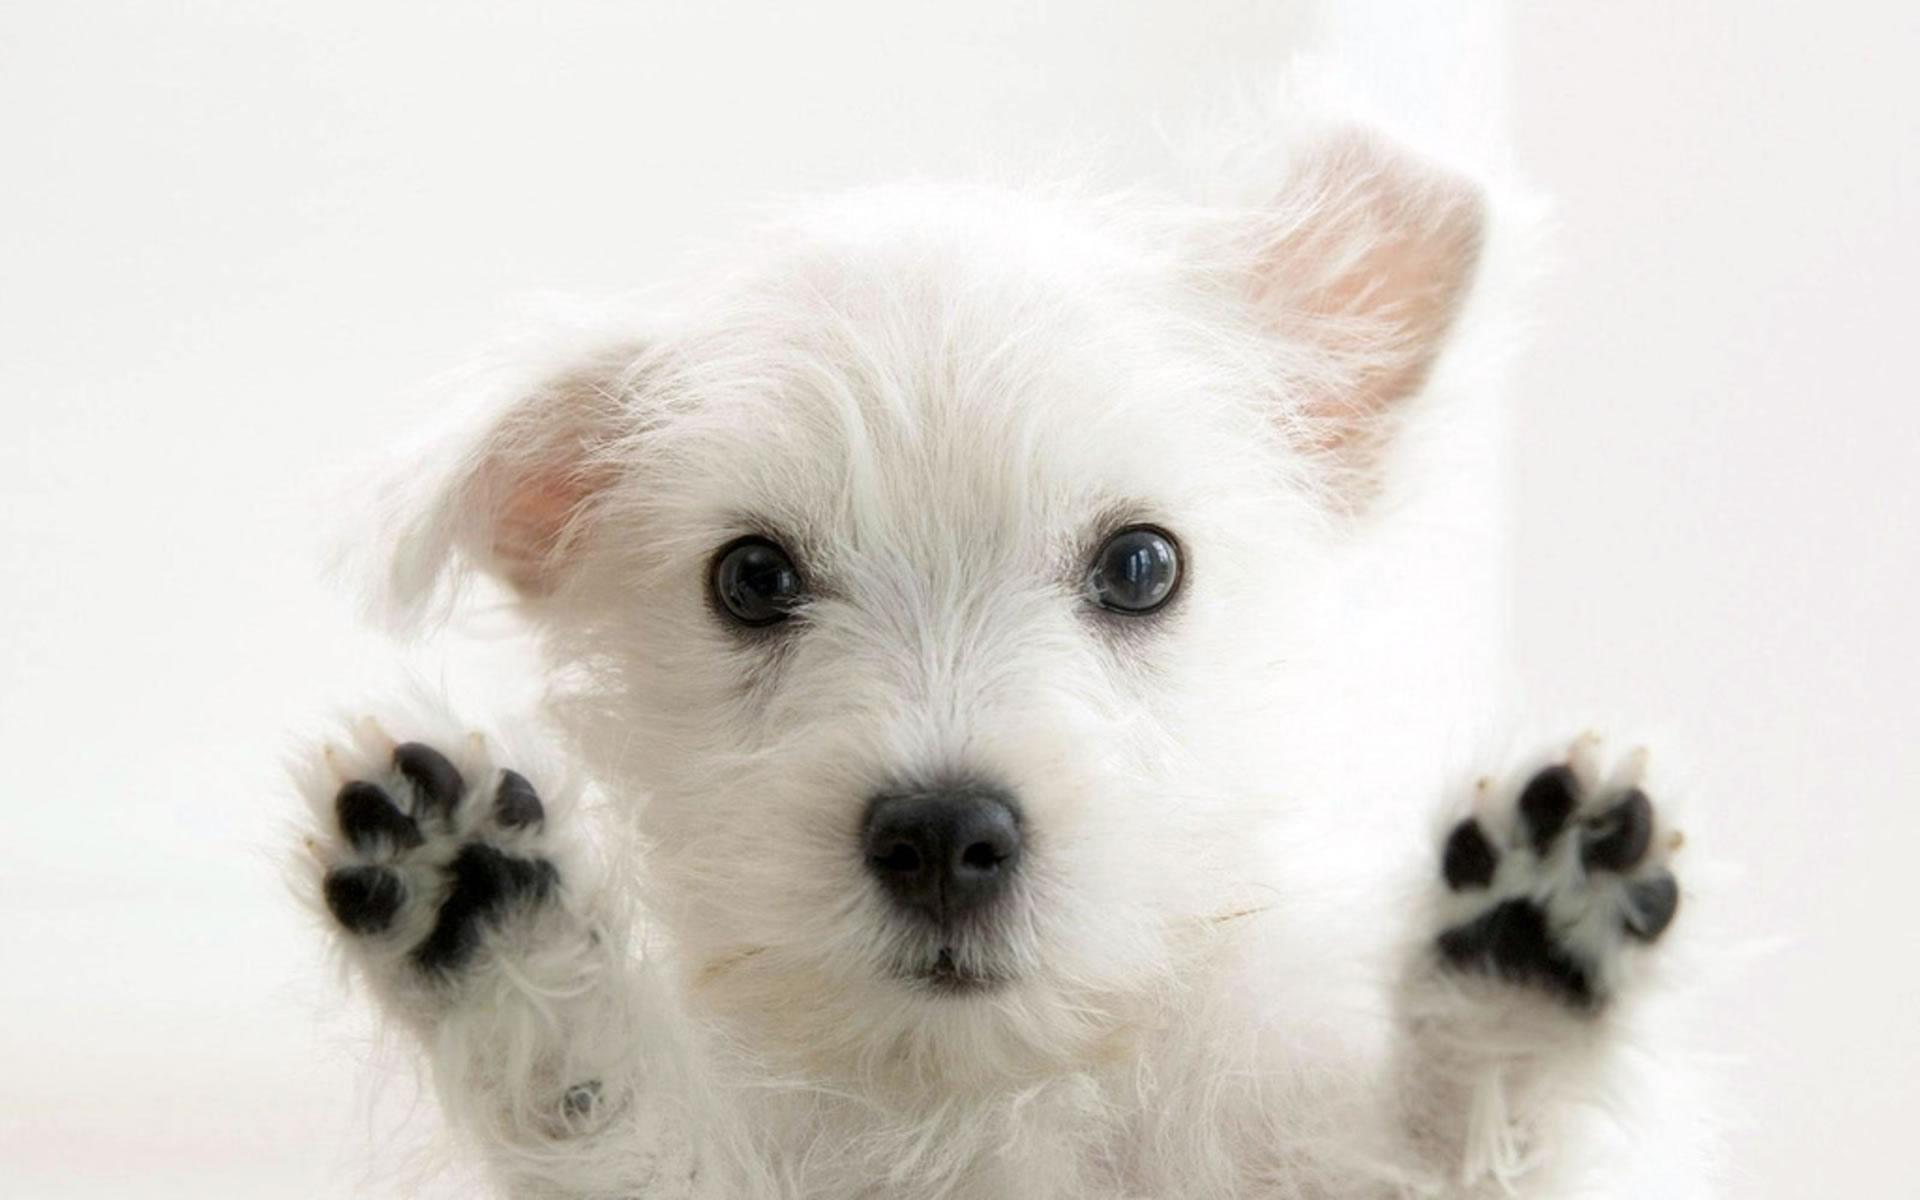 View Cute Animal Wallpapers cute_animal_best_wallpapers cute_animal_coolhd__wallpapers cute_animal_desktop_wallpapers cute_animal_HD_wallpapers ...